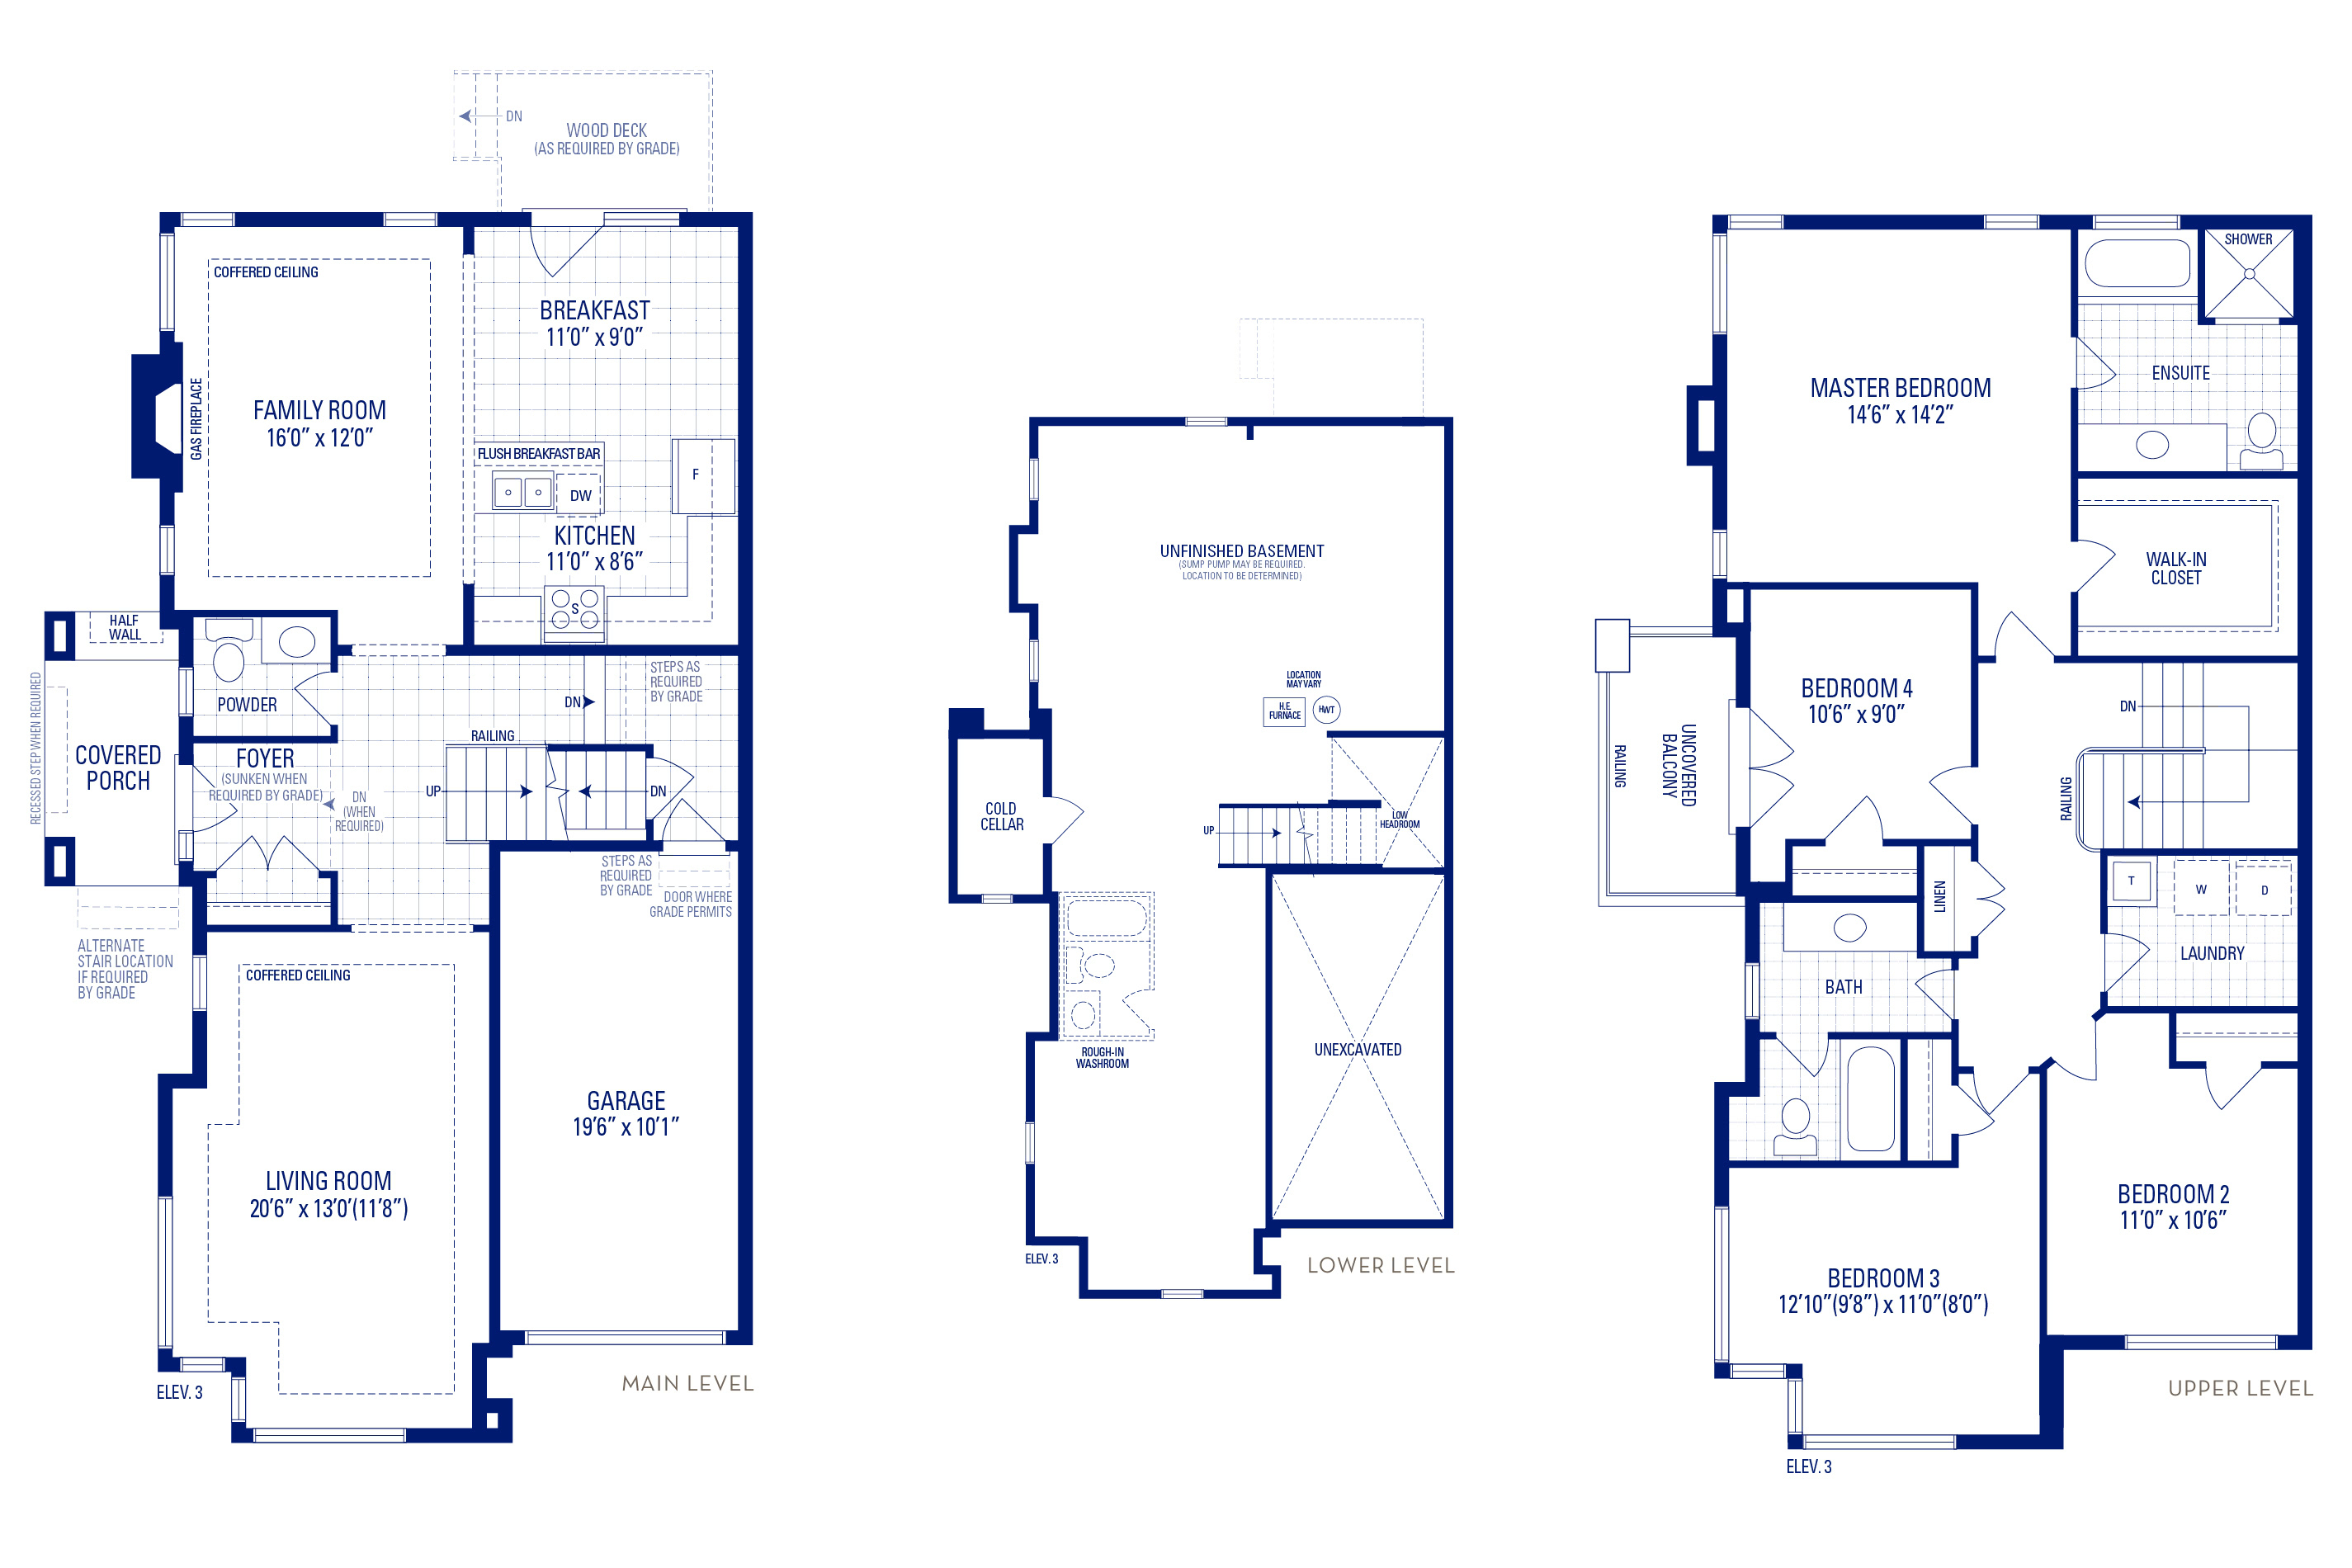 Heritage 12 Elev. 3 Floorplan Thumbnail